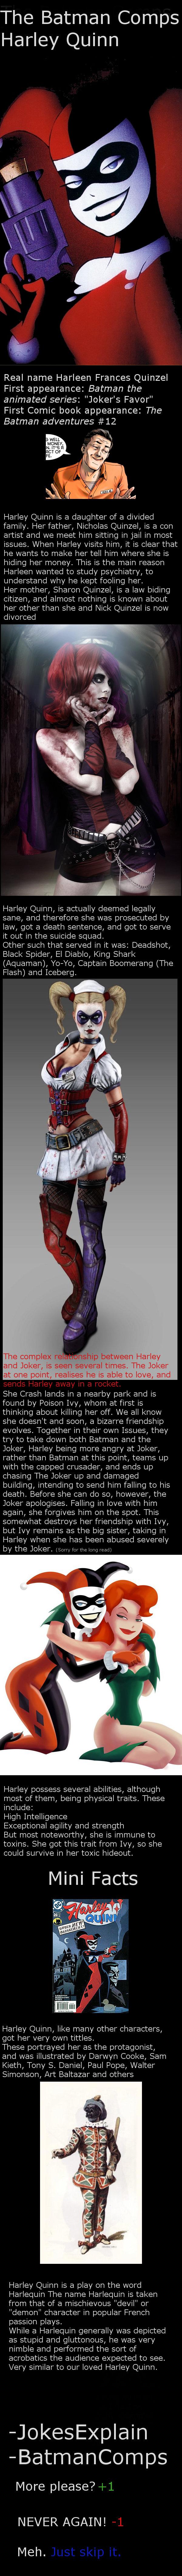 Harley Quinn. Other OC: The Riddler: www.funnyjunk.com/channel/batman/Edward+E.+Nigma+comb/xwbBLkj/ The Joker: www.funnyjunk.com/channel/batman/The+Joker/qqcBLd batman OC Harley Quinn BatmanComps